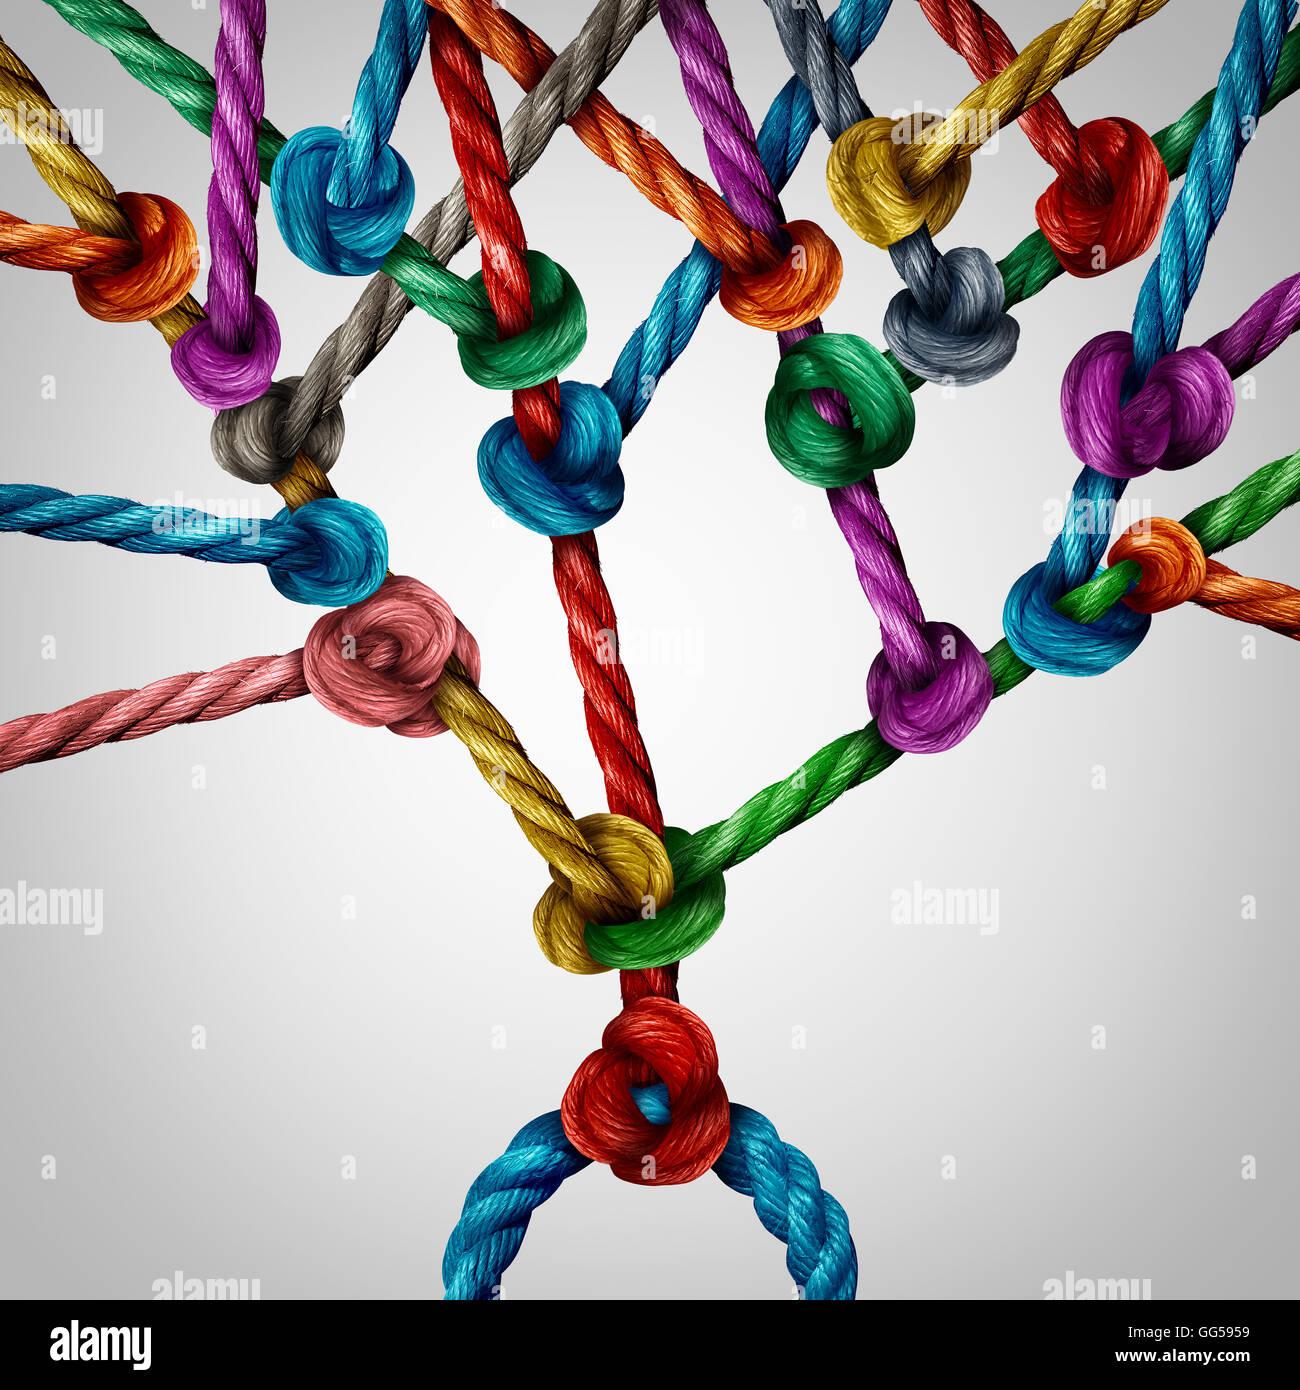 Struttura di rete connessione come un gruppo di funi legate insieme come una crescita struttura di ramificazione. Immagini Stock